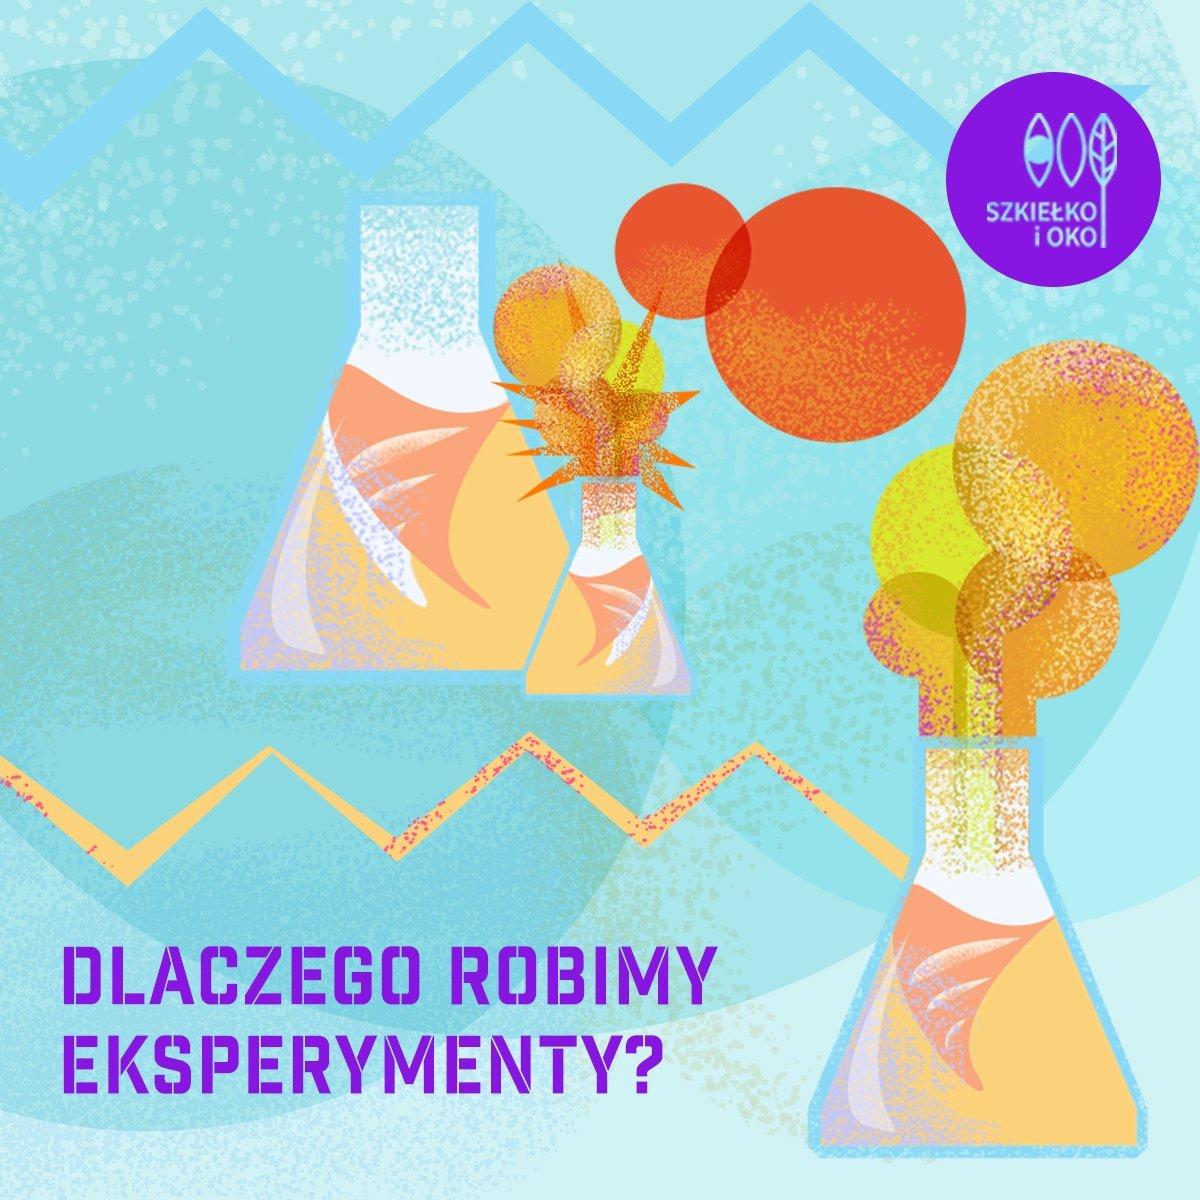 Dlaczego robimy eksperymenty? Warsztaty przyrodnicze ze Szkiełkiem i Okiem